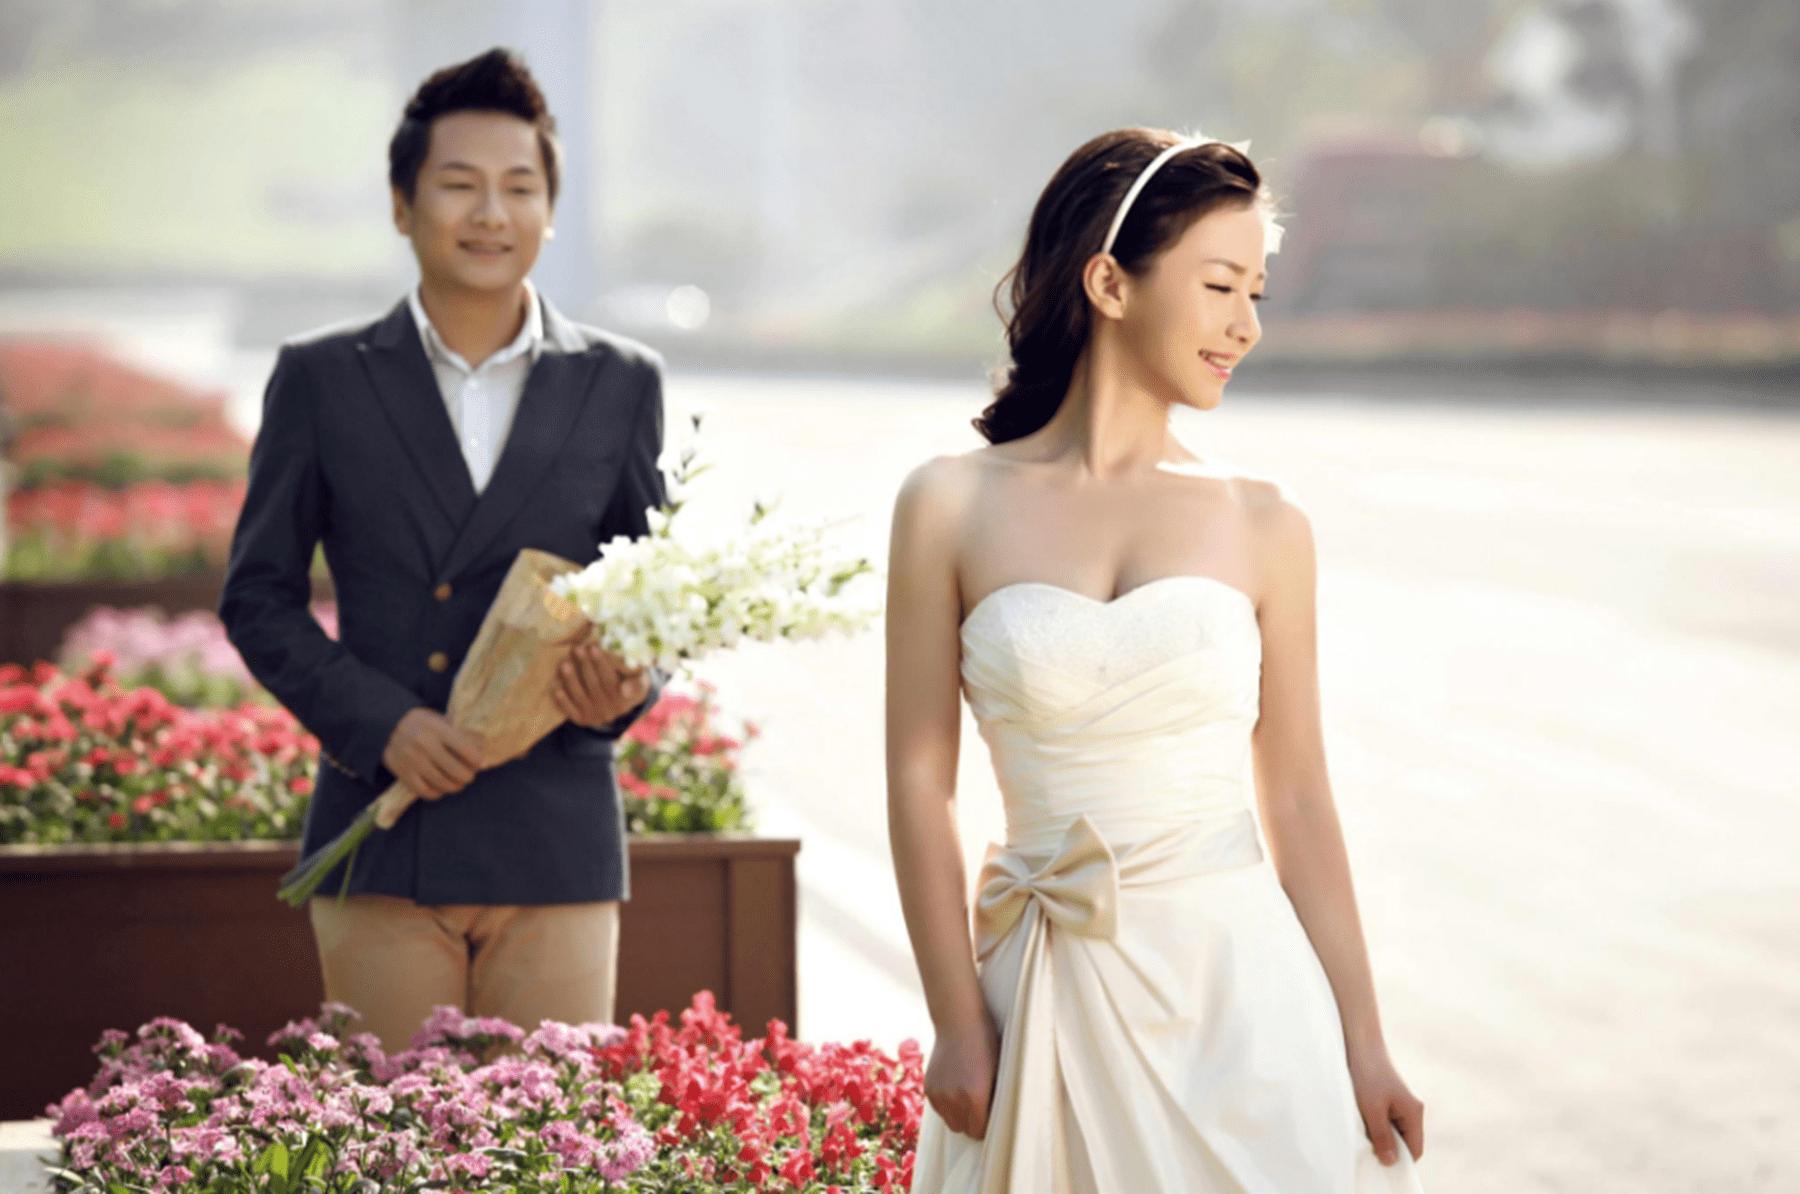 梦见前女友嫁给别人 梦到前任预示着什么